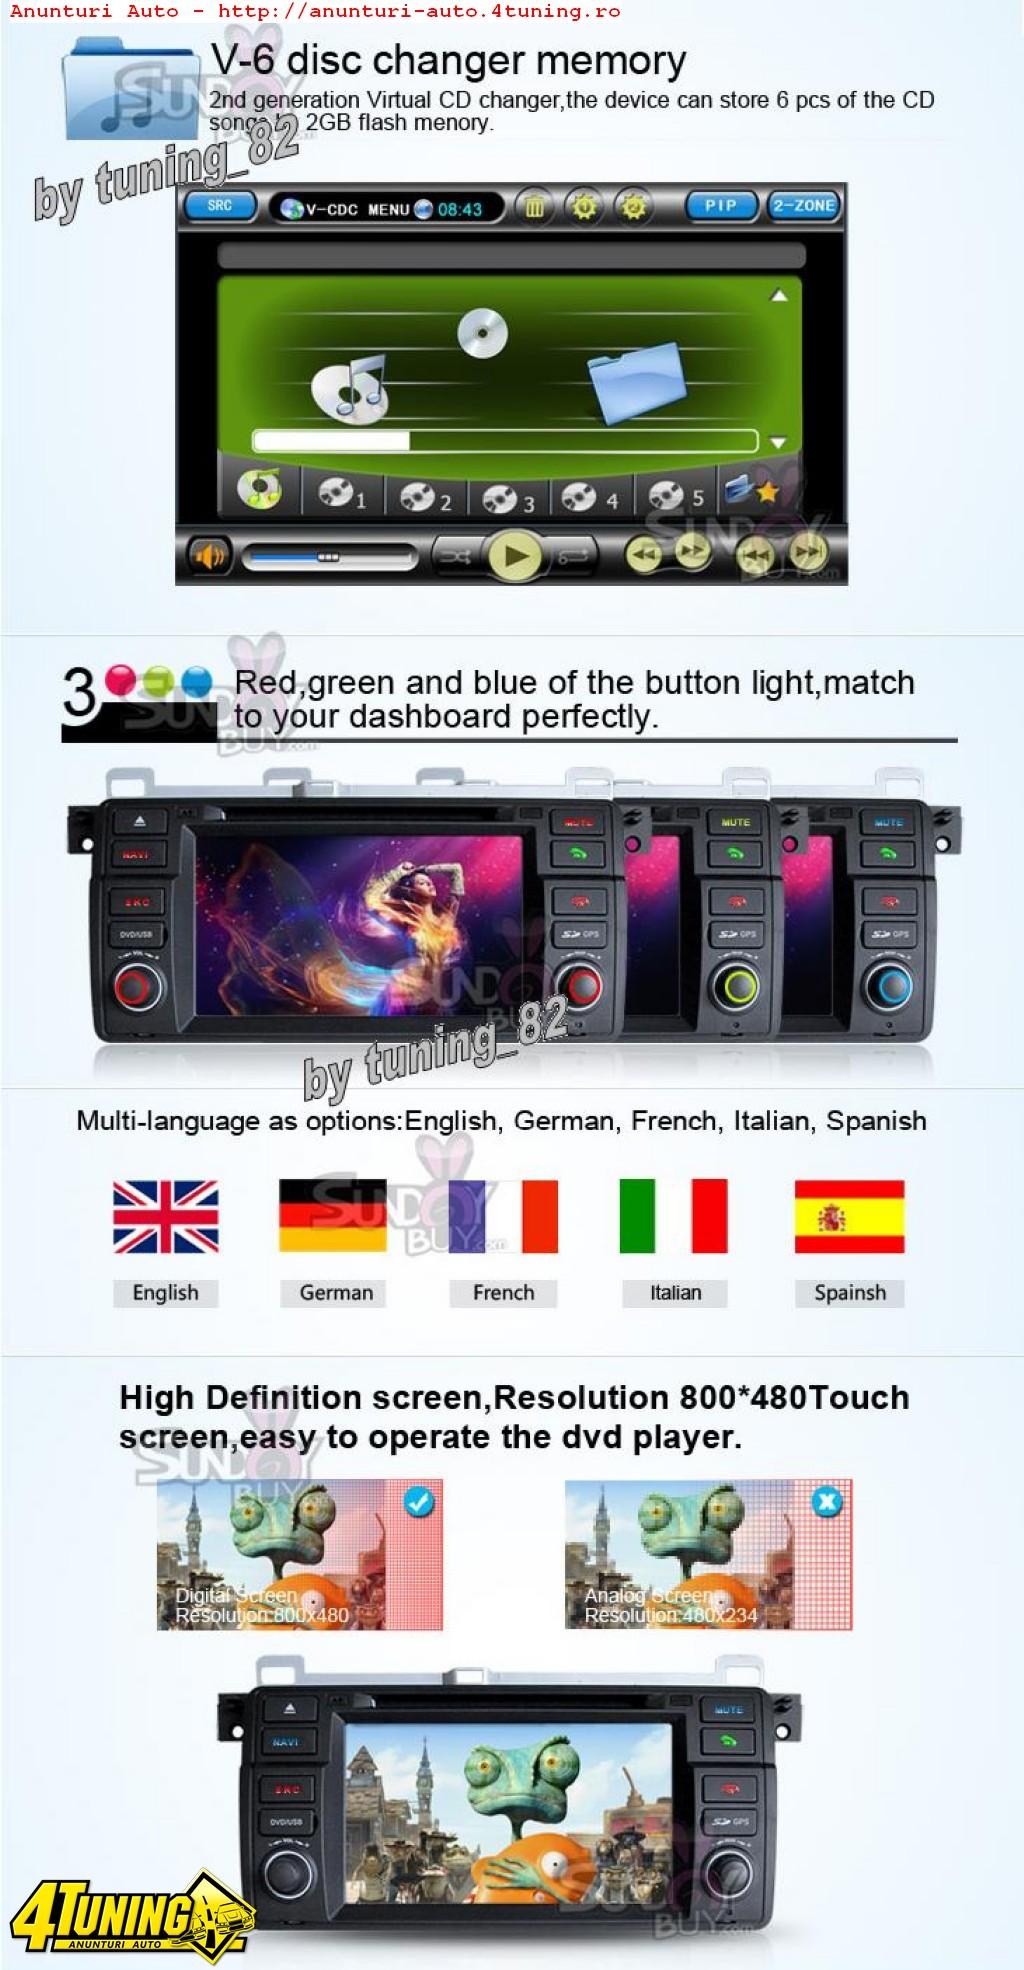 DVD AUTO NAVIGATIE Tti 8952i BMW SERIA 3 E46 Internet 3g Wifi Gps Dvd Tv Carkit Butoane Cauciucate Oem Picture In Picture Model 2012